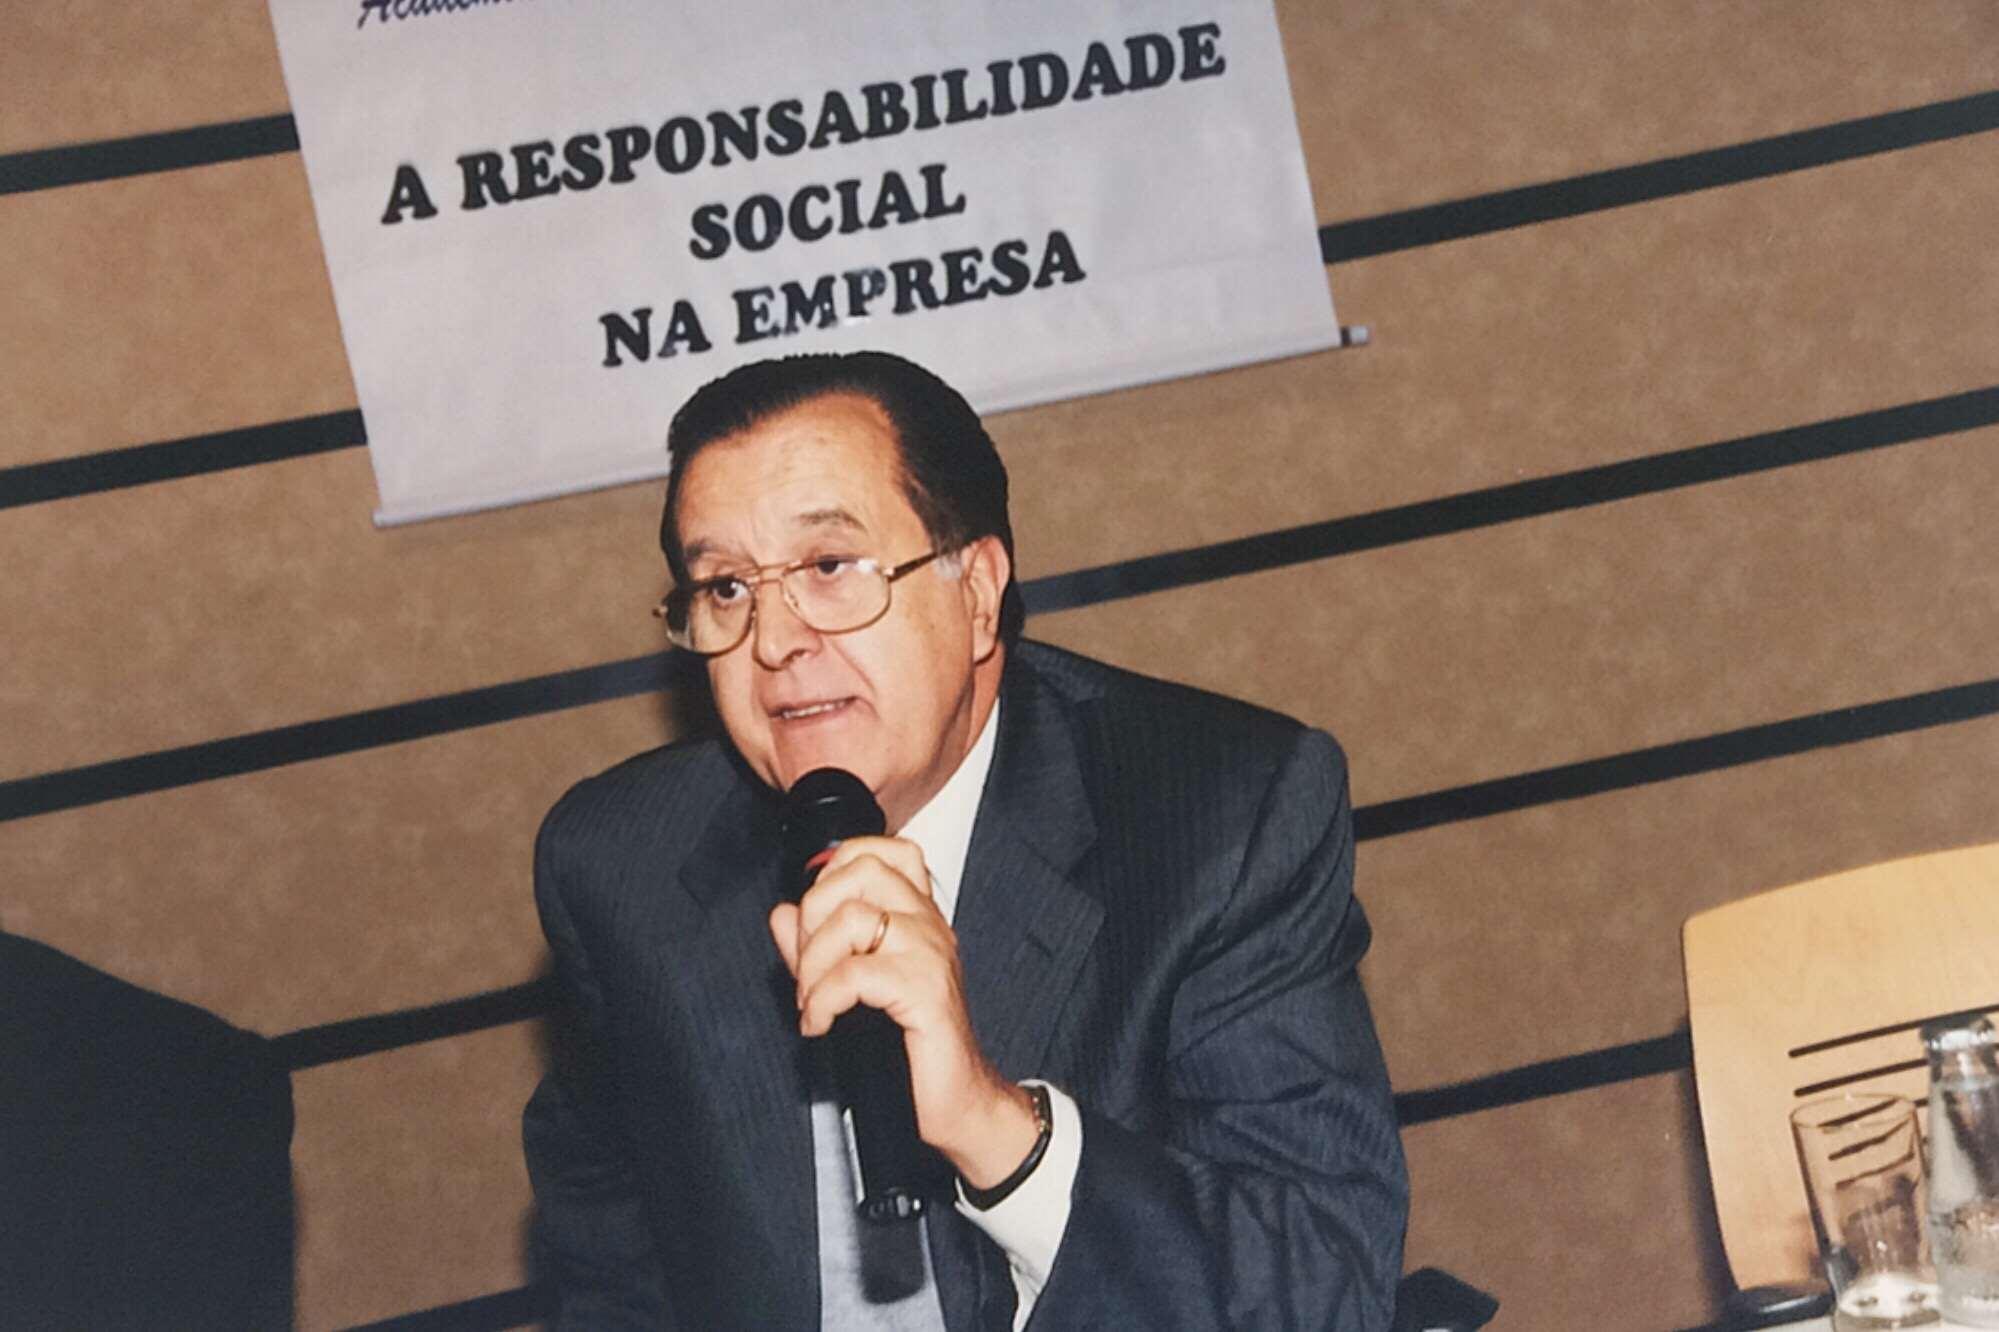 Palestra – A Responsabilidade Social na Empresa 1999